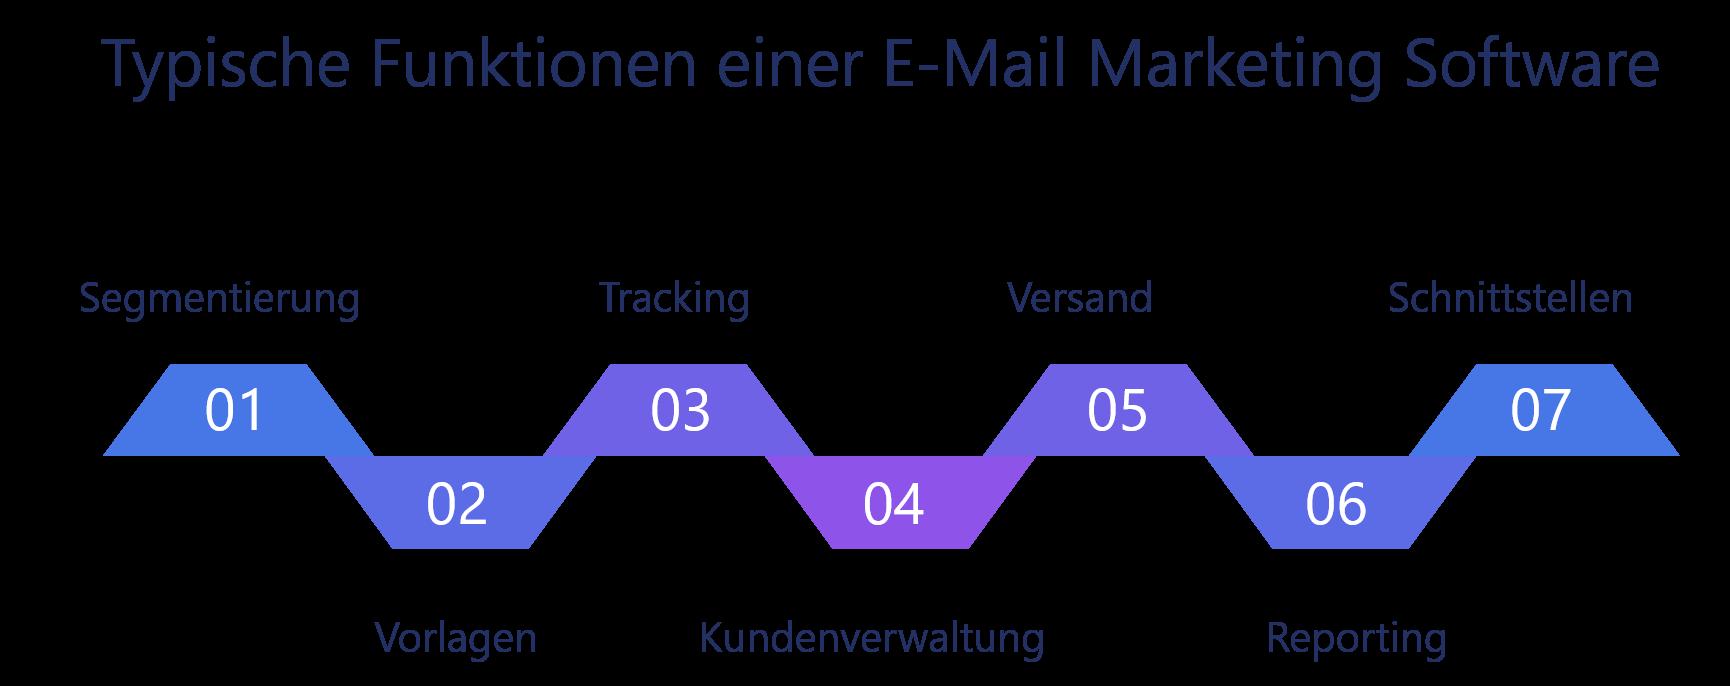 Darstellung von wichtigen Funktionen einer E-Mail Marketing Software